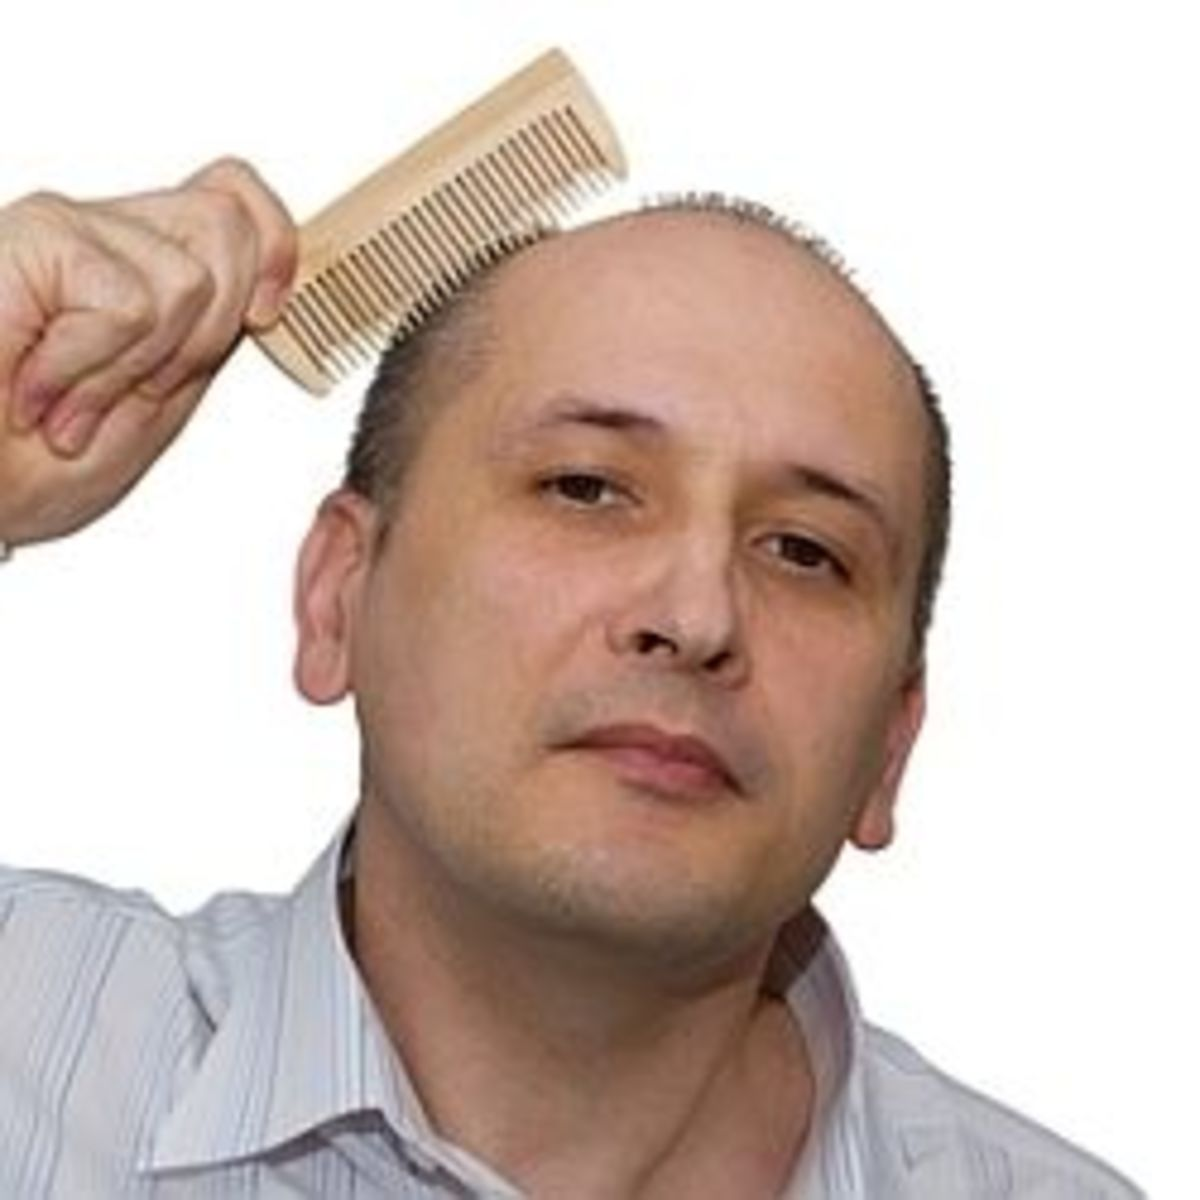 rogaine-vs-propecia-vs-provillus-vs-procerin-vs-generic-solutions-for-hair-loss